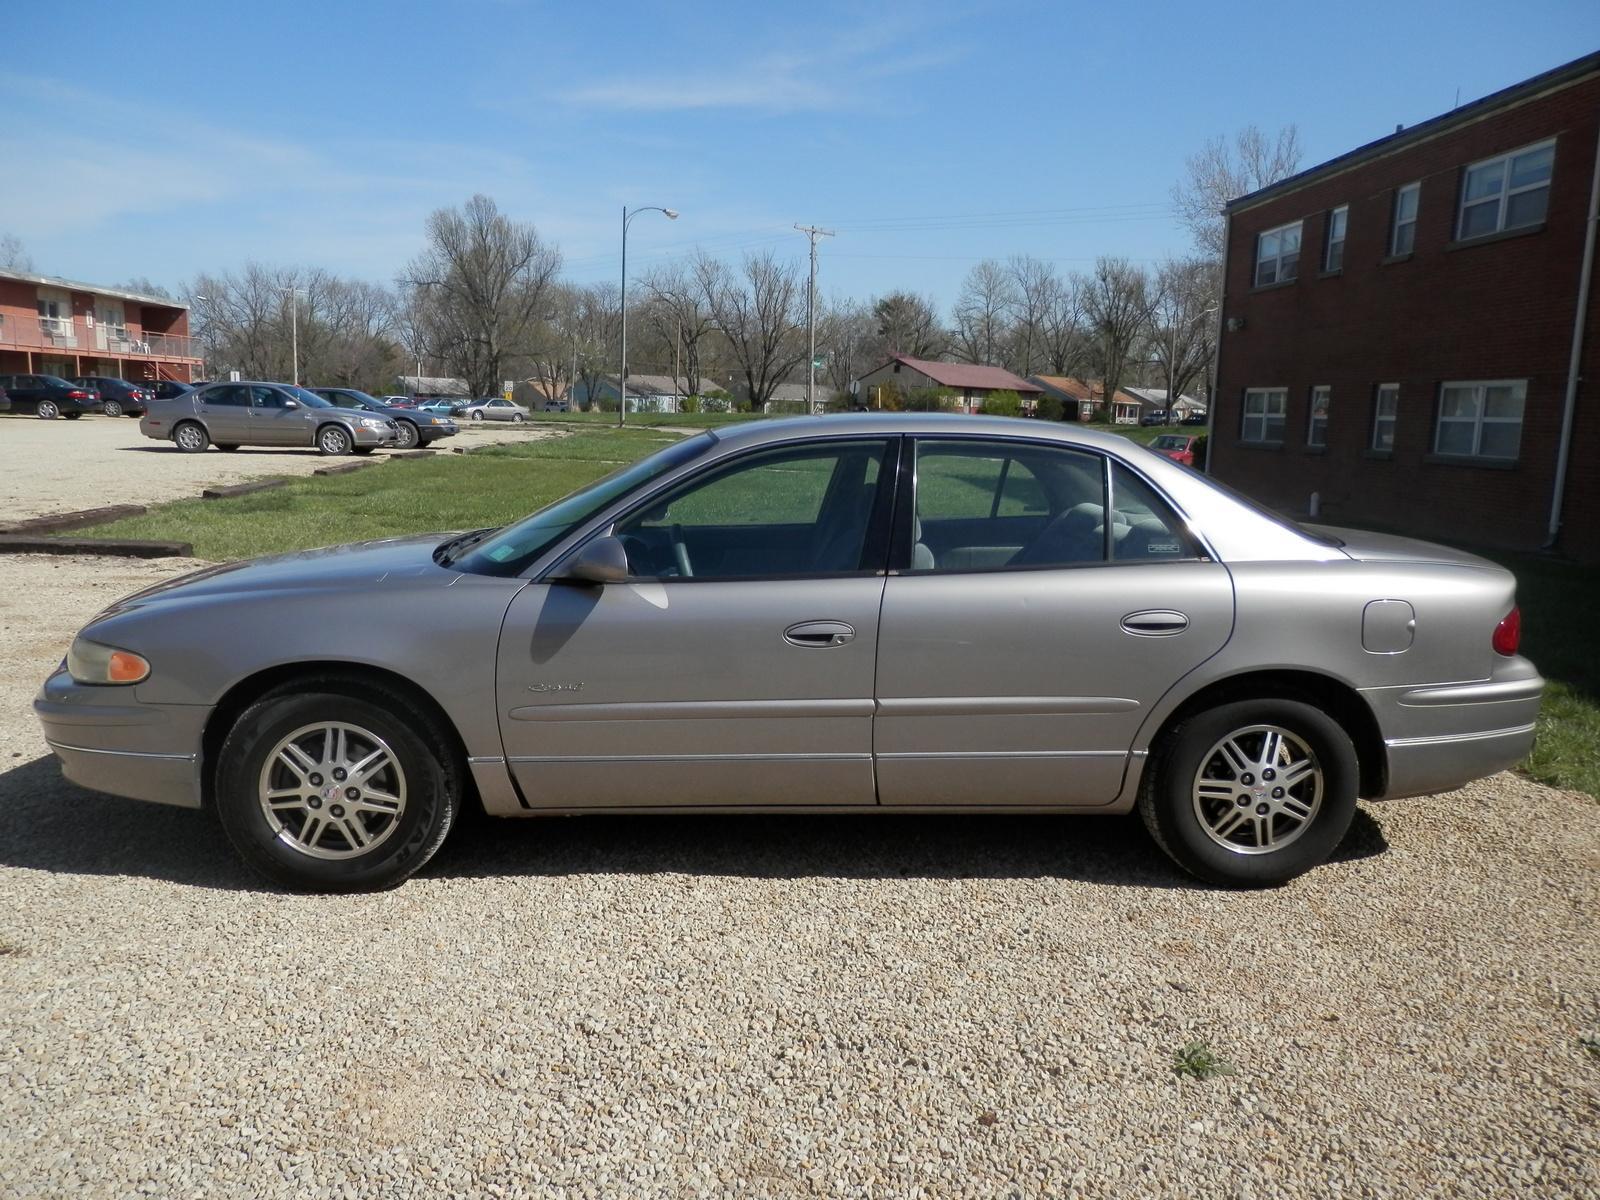 800 1024 1280 1600 Origin 1999 Buick